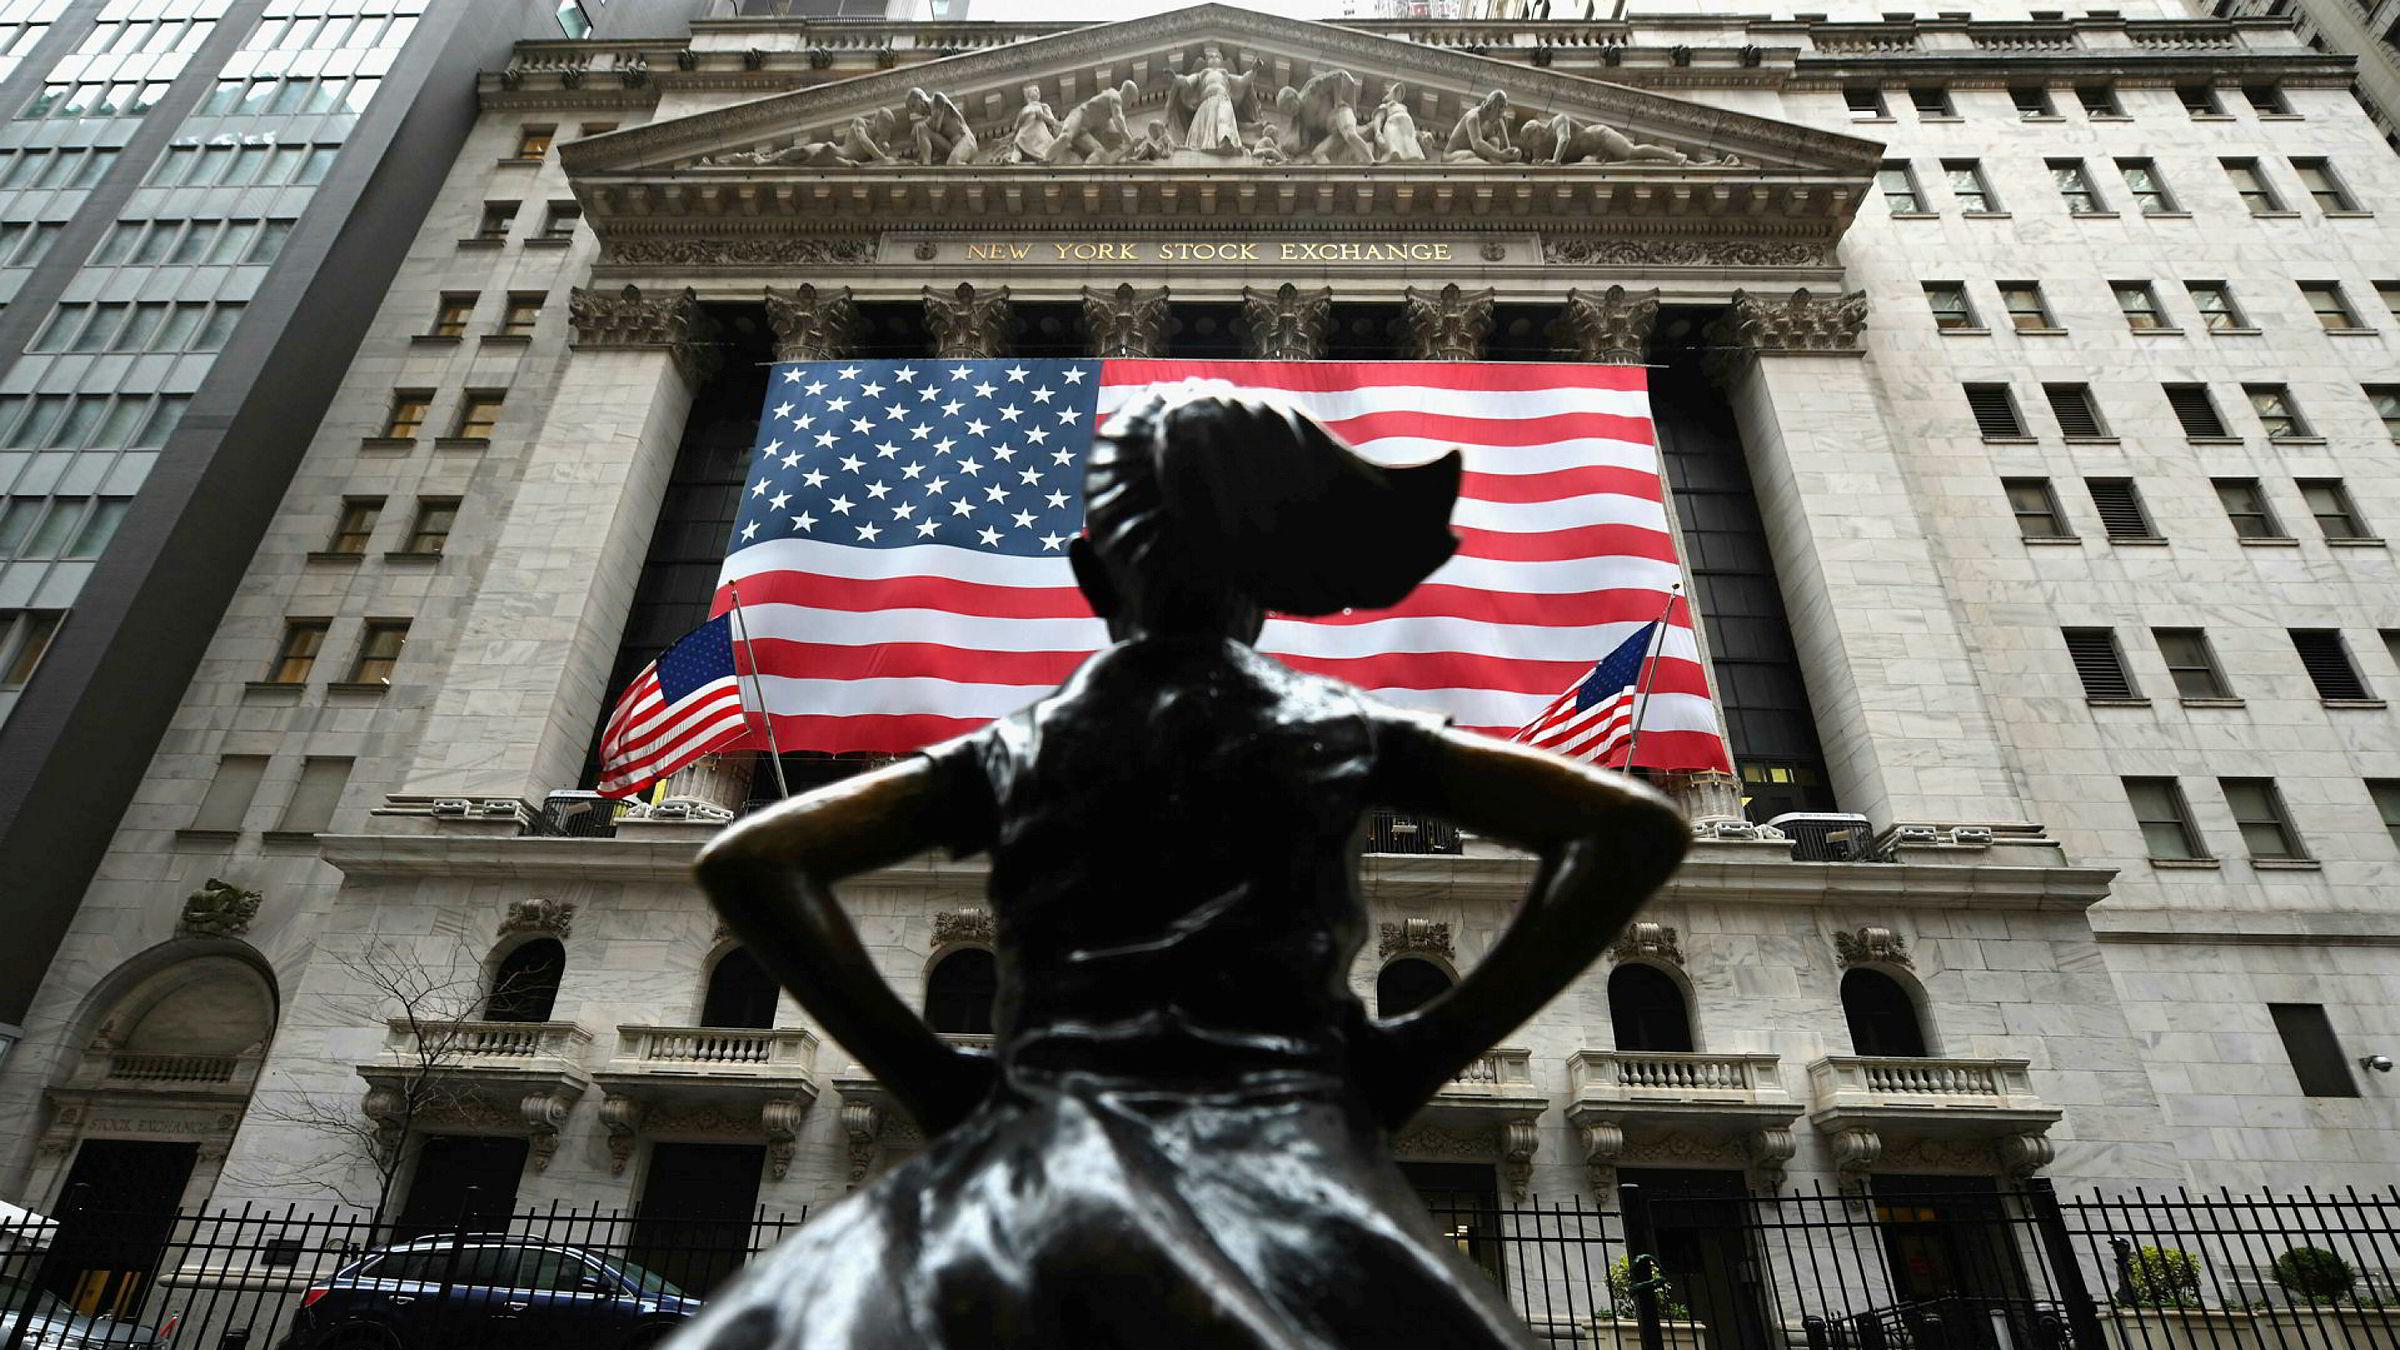 Wall Street-indeksene steg kraftig tirsdag, etter at det er stadig økende håp om at en krisepakke til økonomien skal bli godkjent av Senatet. Avbildet er statuen «The Fearless Girl» utenfor New York-børsen.